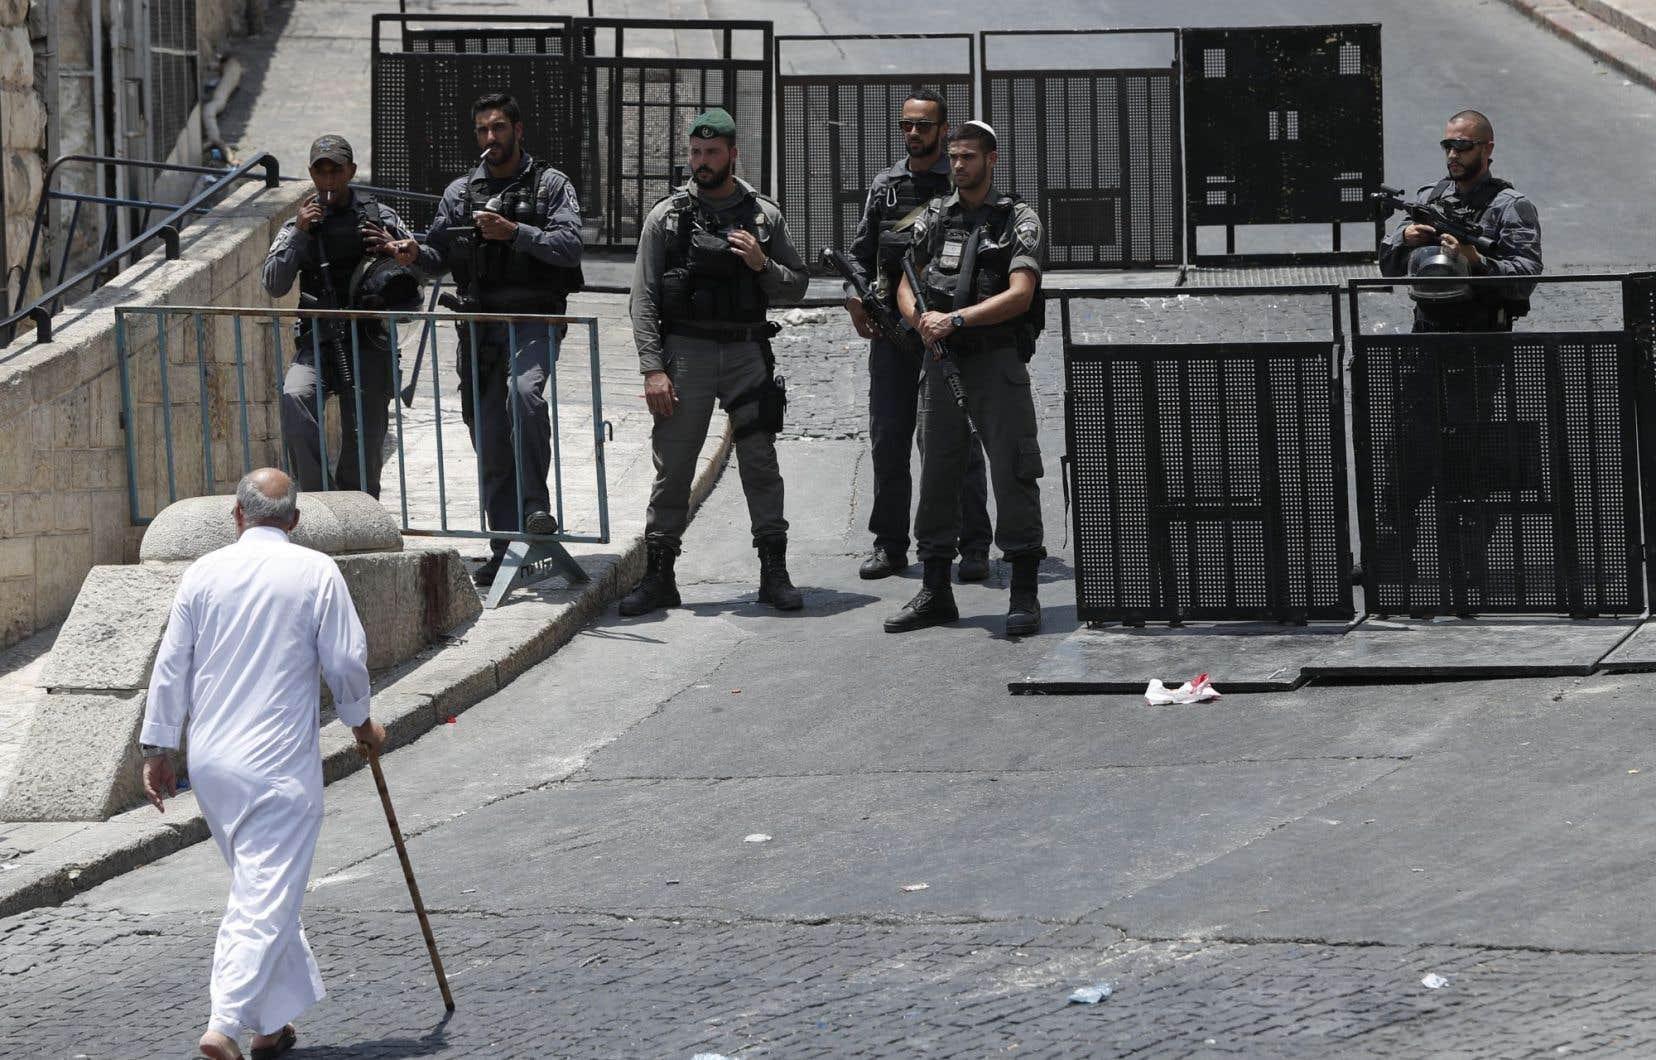 Israël a justifié l'installation de portiques de sécurité aux accès de l'esplanade des Mosquées en disant que les armes utilisées pour tuer deux policiers israéliens le 14juillet avaient été cachées dans ce site ultrasensible de la vieille ville.